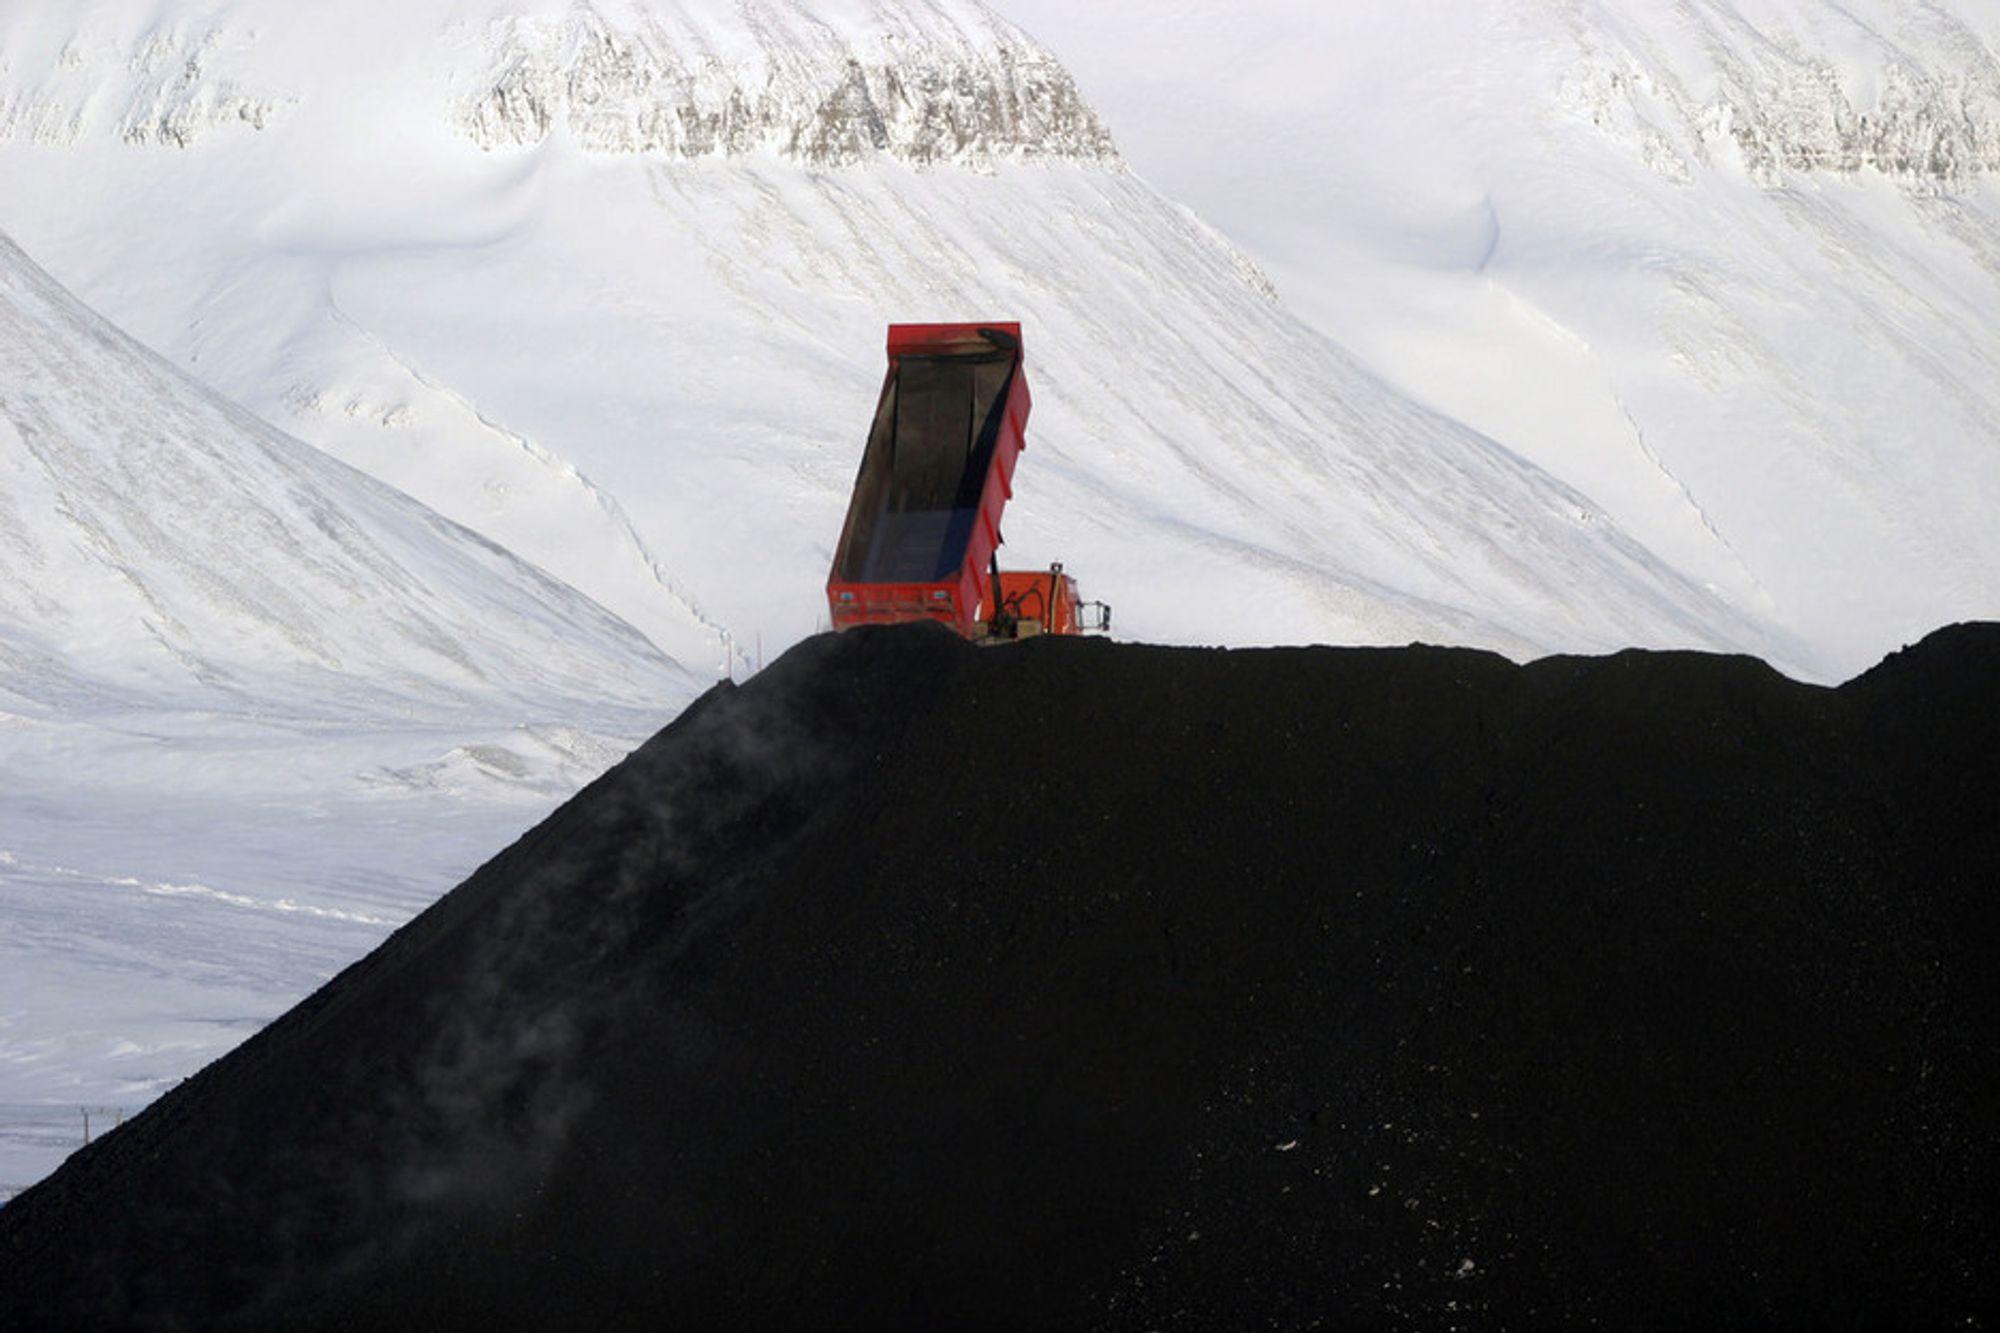 INNHOLDER PETROLEUM: Å brenne svalbardkull som inneholder petroleum kan anses som sløsing fastholder en rapport fra 1924.